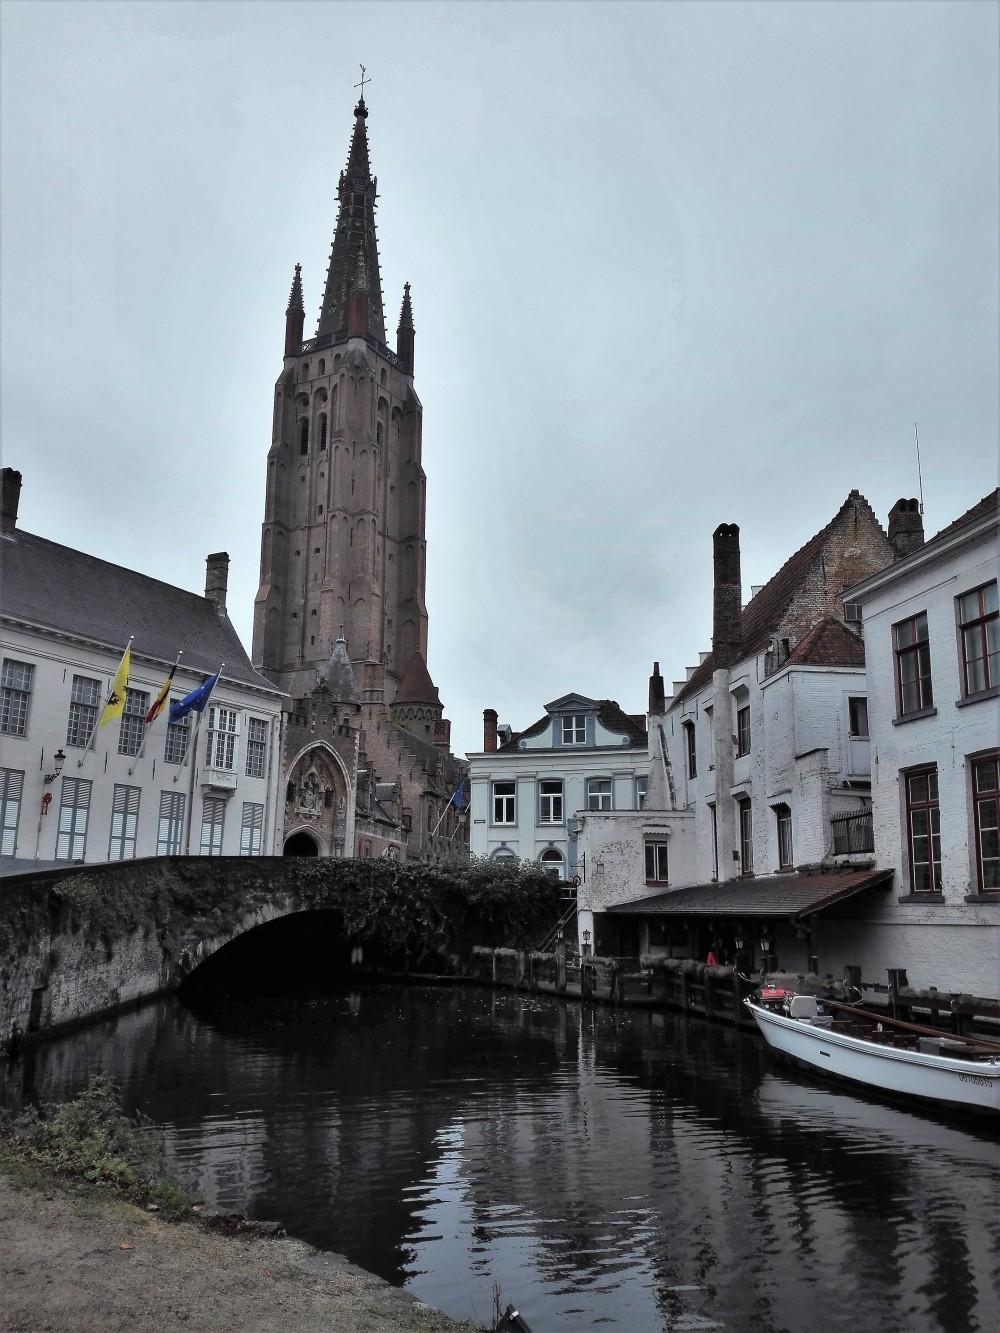 Brujas-iglesia-de-nuestra-señora-donviajon-arte-religioso-arquitectura-gotica-flamenca-belgica